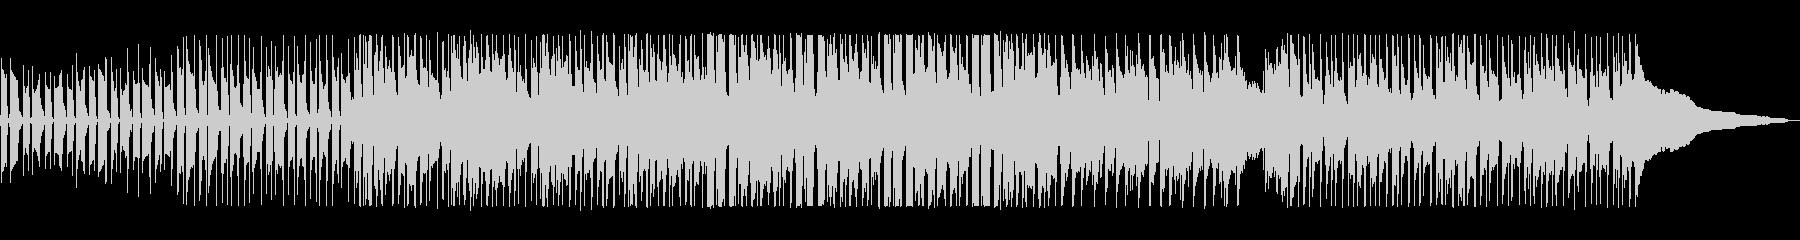 ベースの低音と口笛の高い音がマッチした曲の未再生の波形